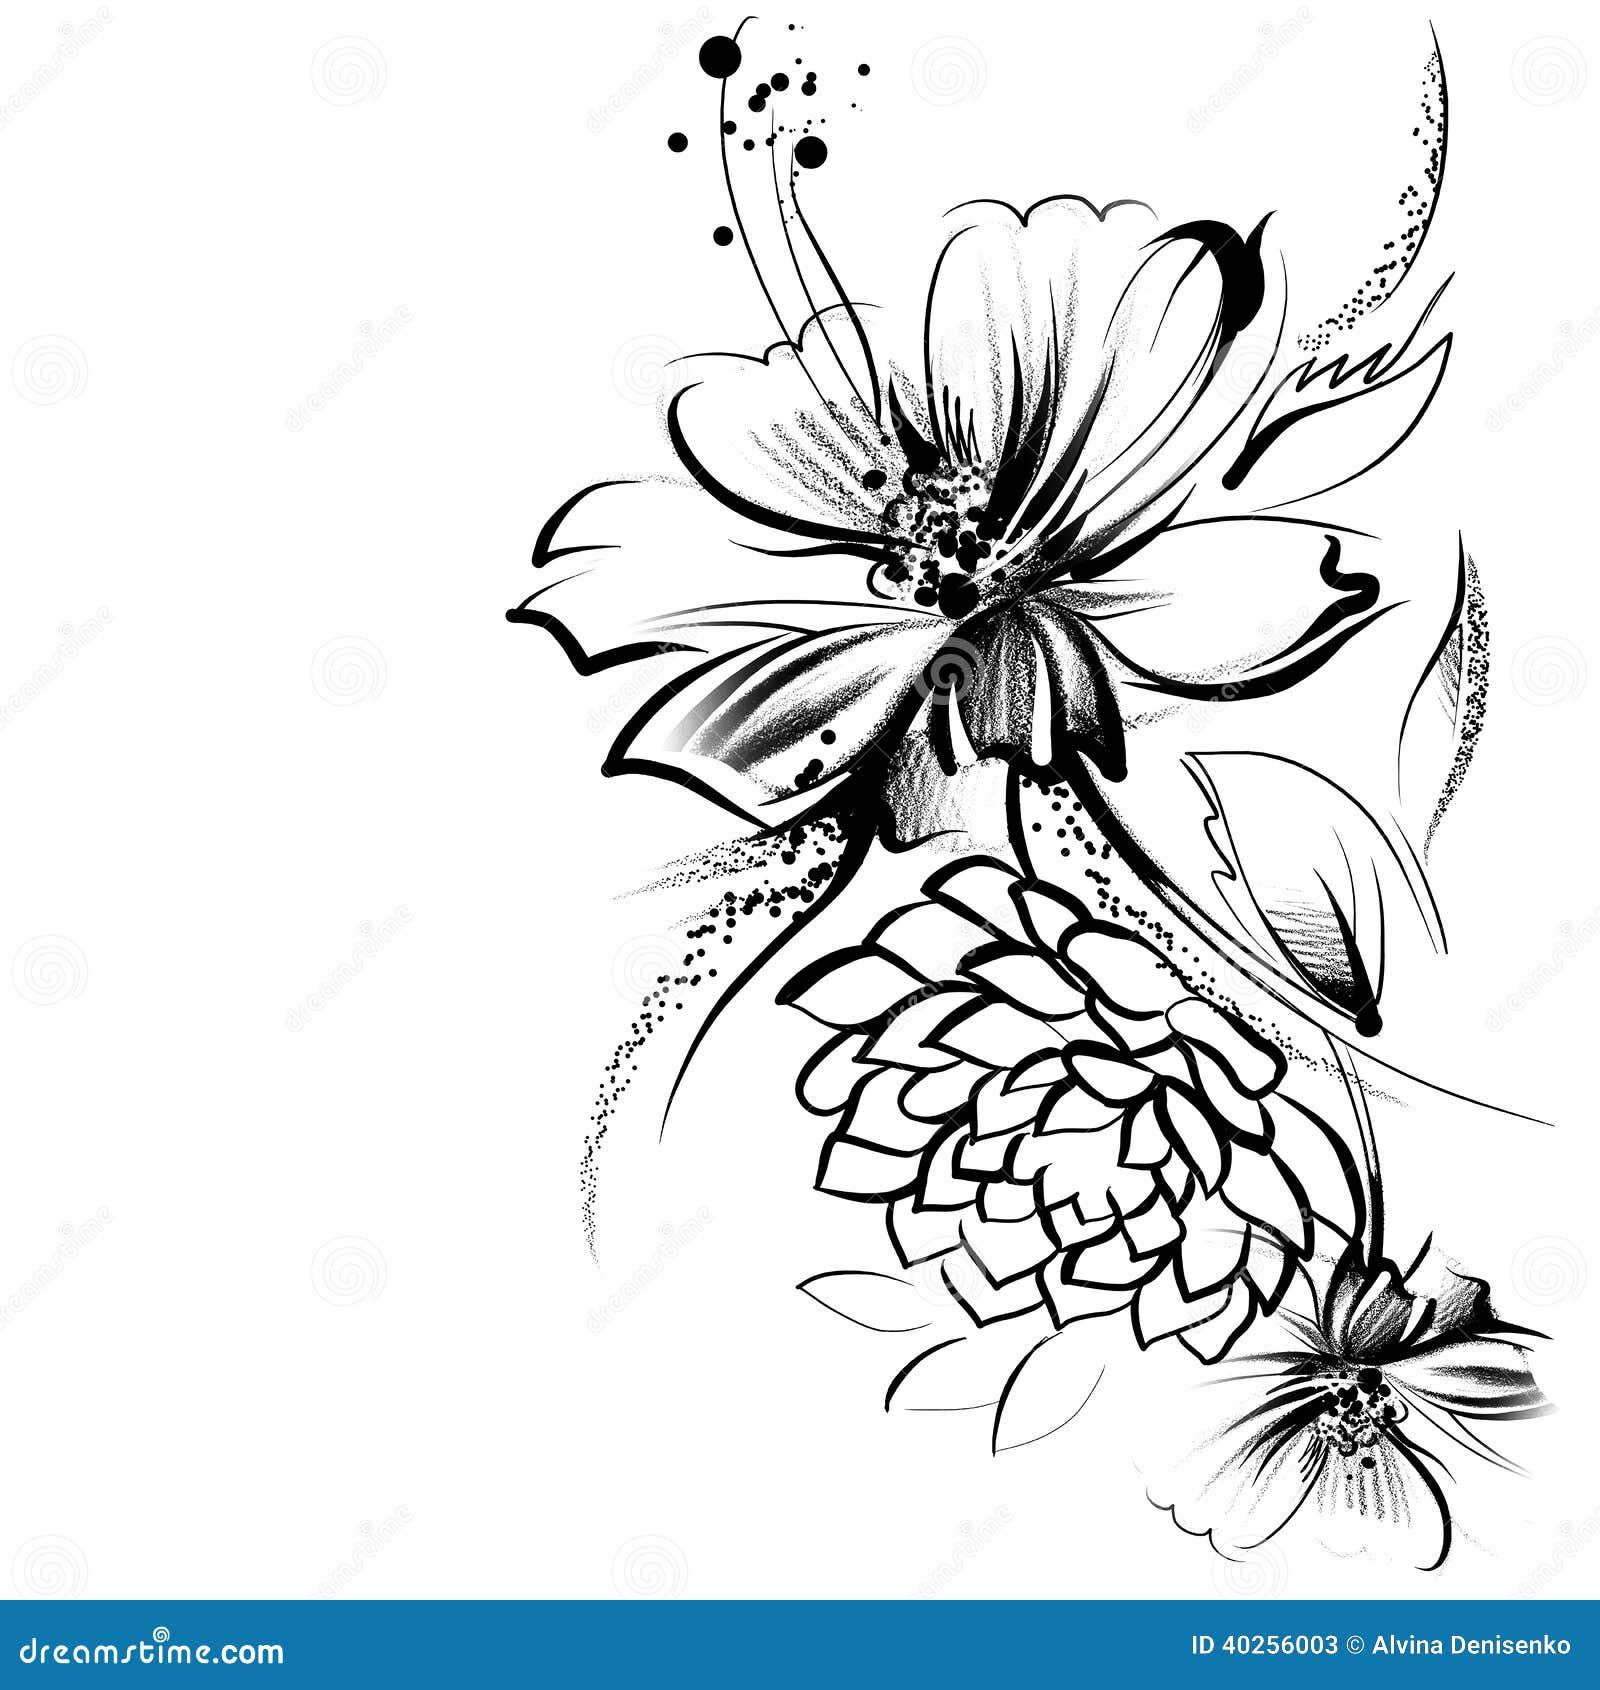 blumen gezeichnet in tinte auf einem wei buch stock abbildung bild 40256003. Black Bedroom Furniture Sets. Home Design Ideas